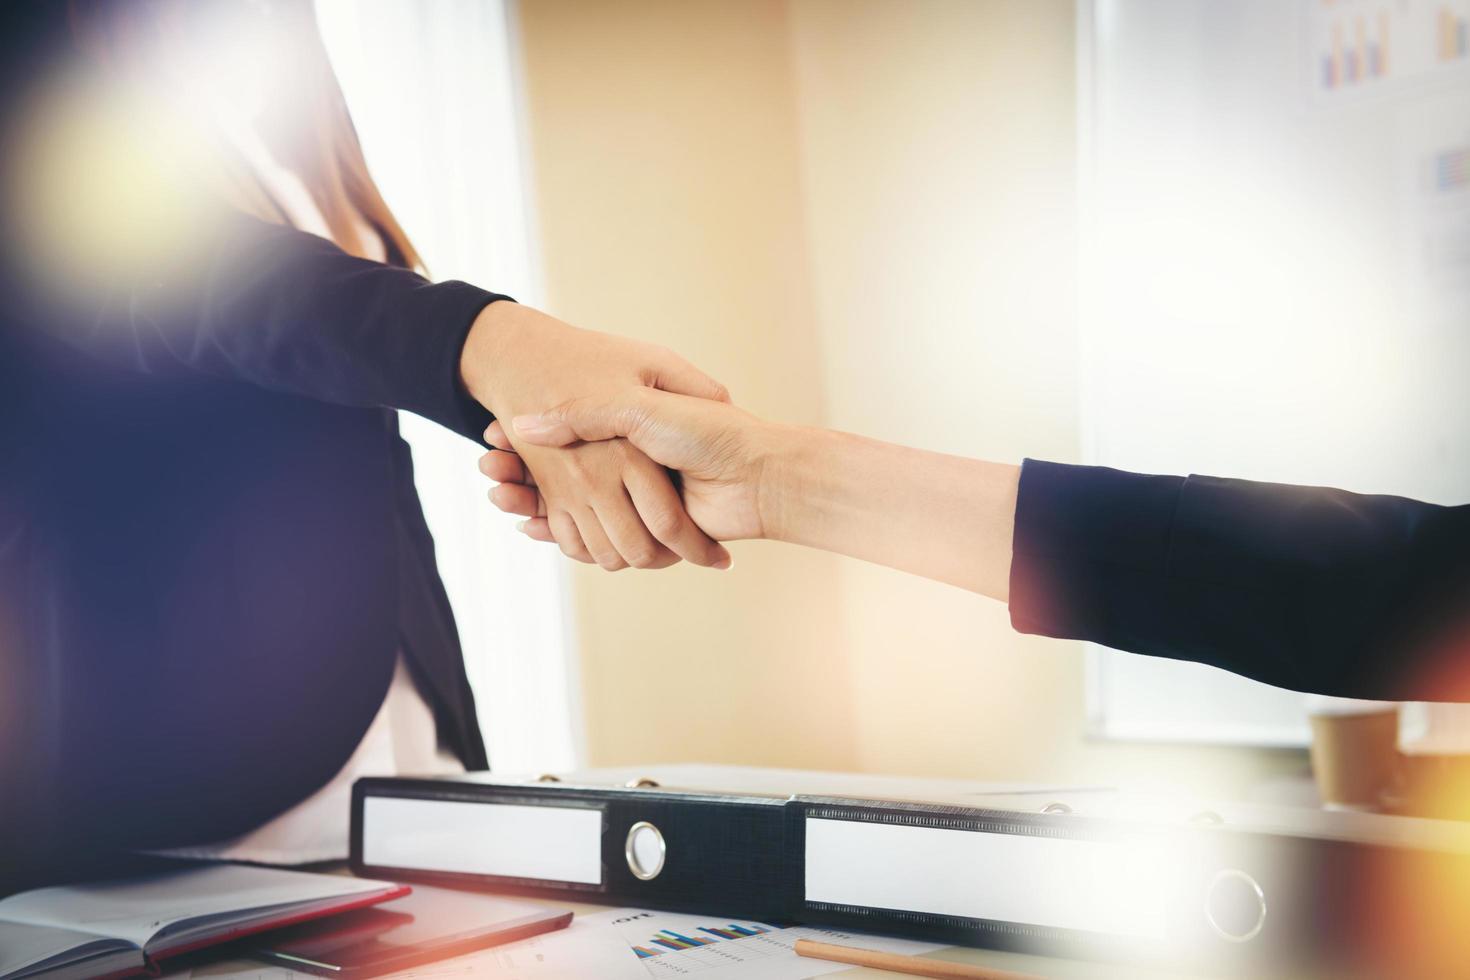 gente de negocios dándose la mano mientras está sentado en el lugar de trabajo foto